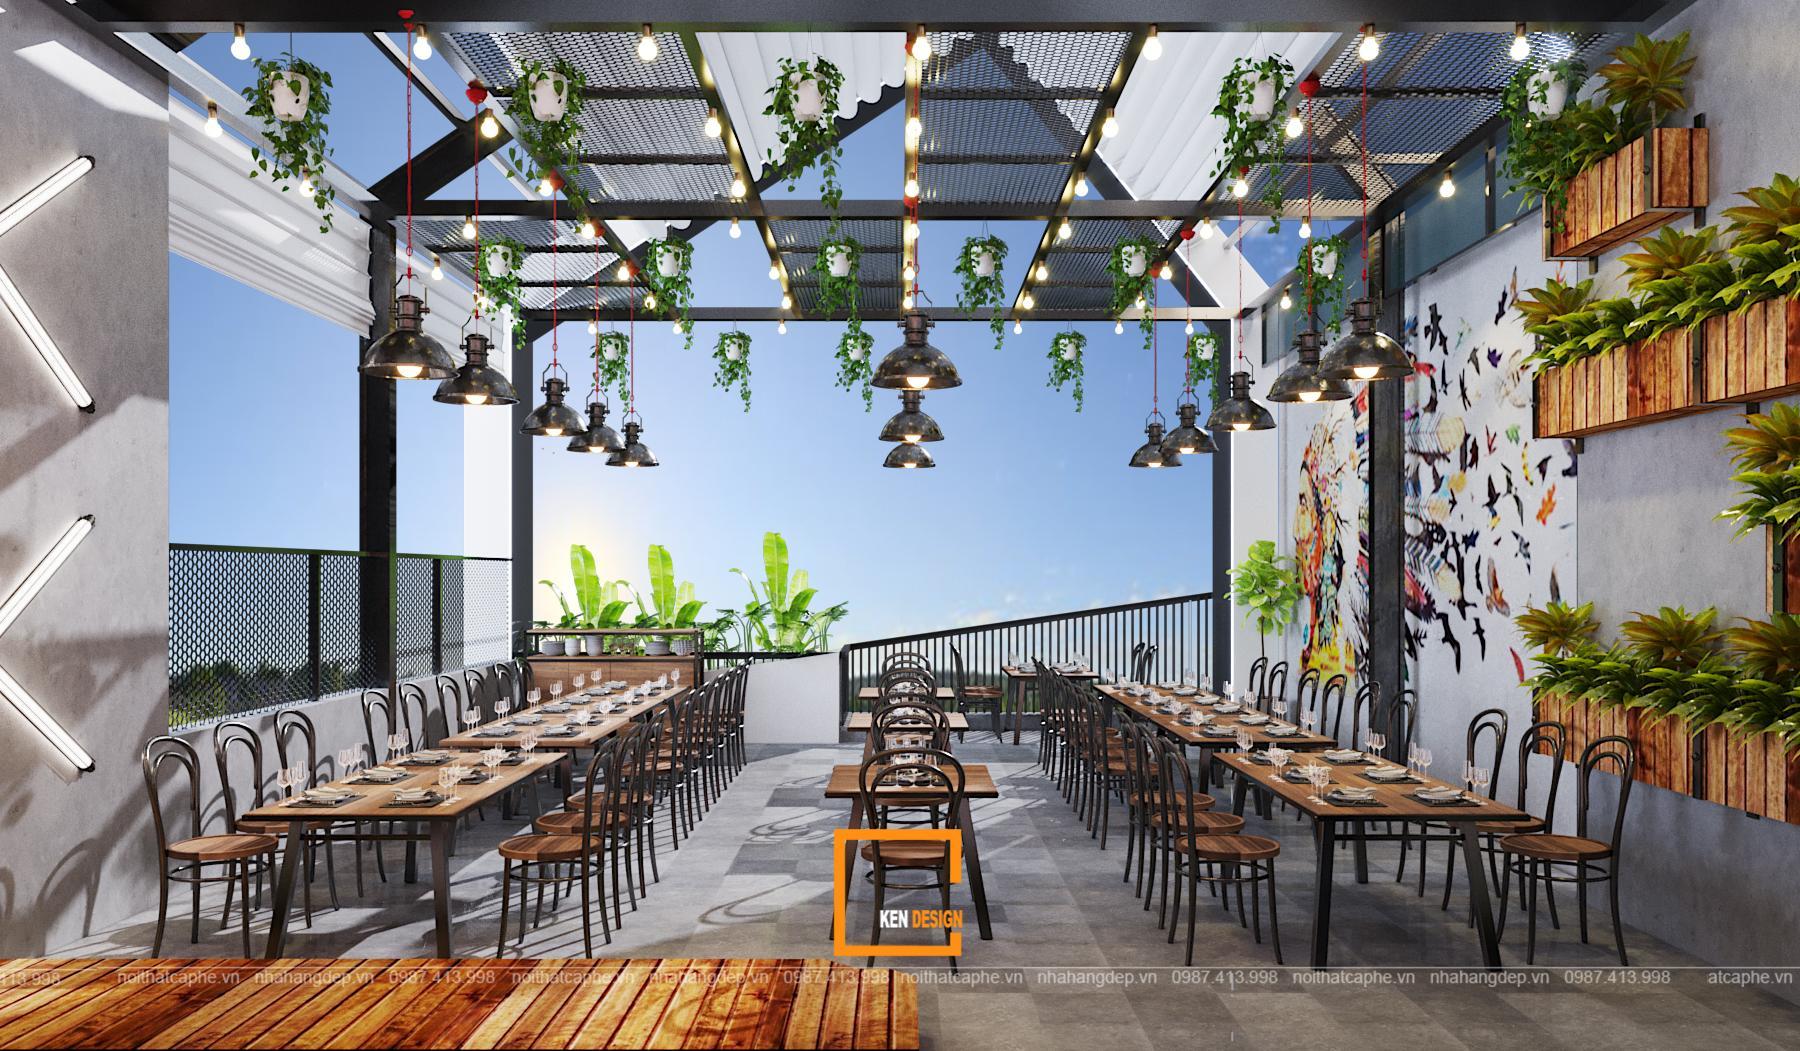 thiết kế nhà hàng tại Nam Định phong cách sân vườ